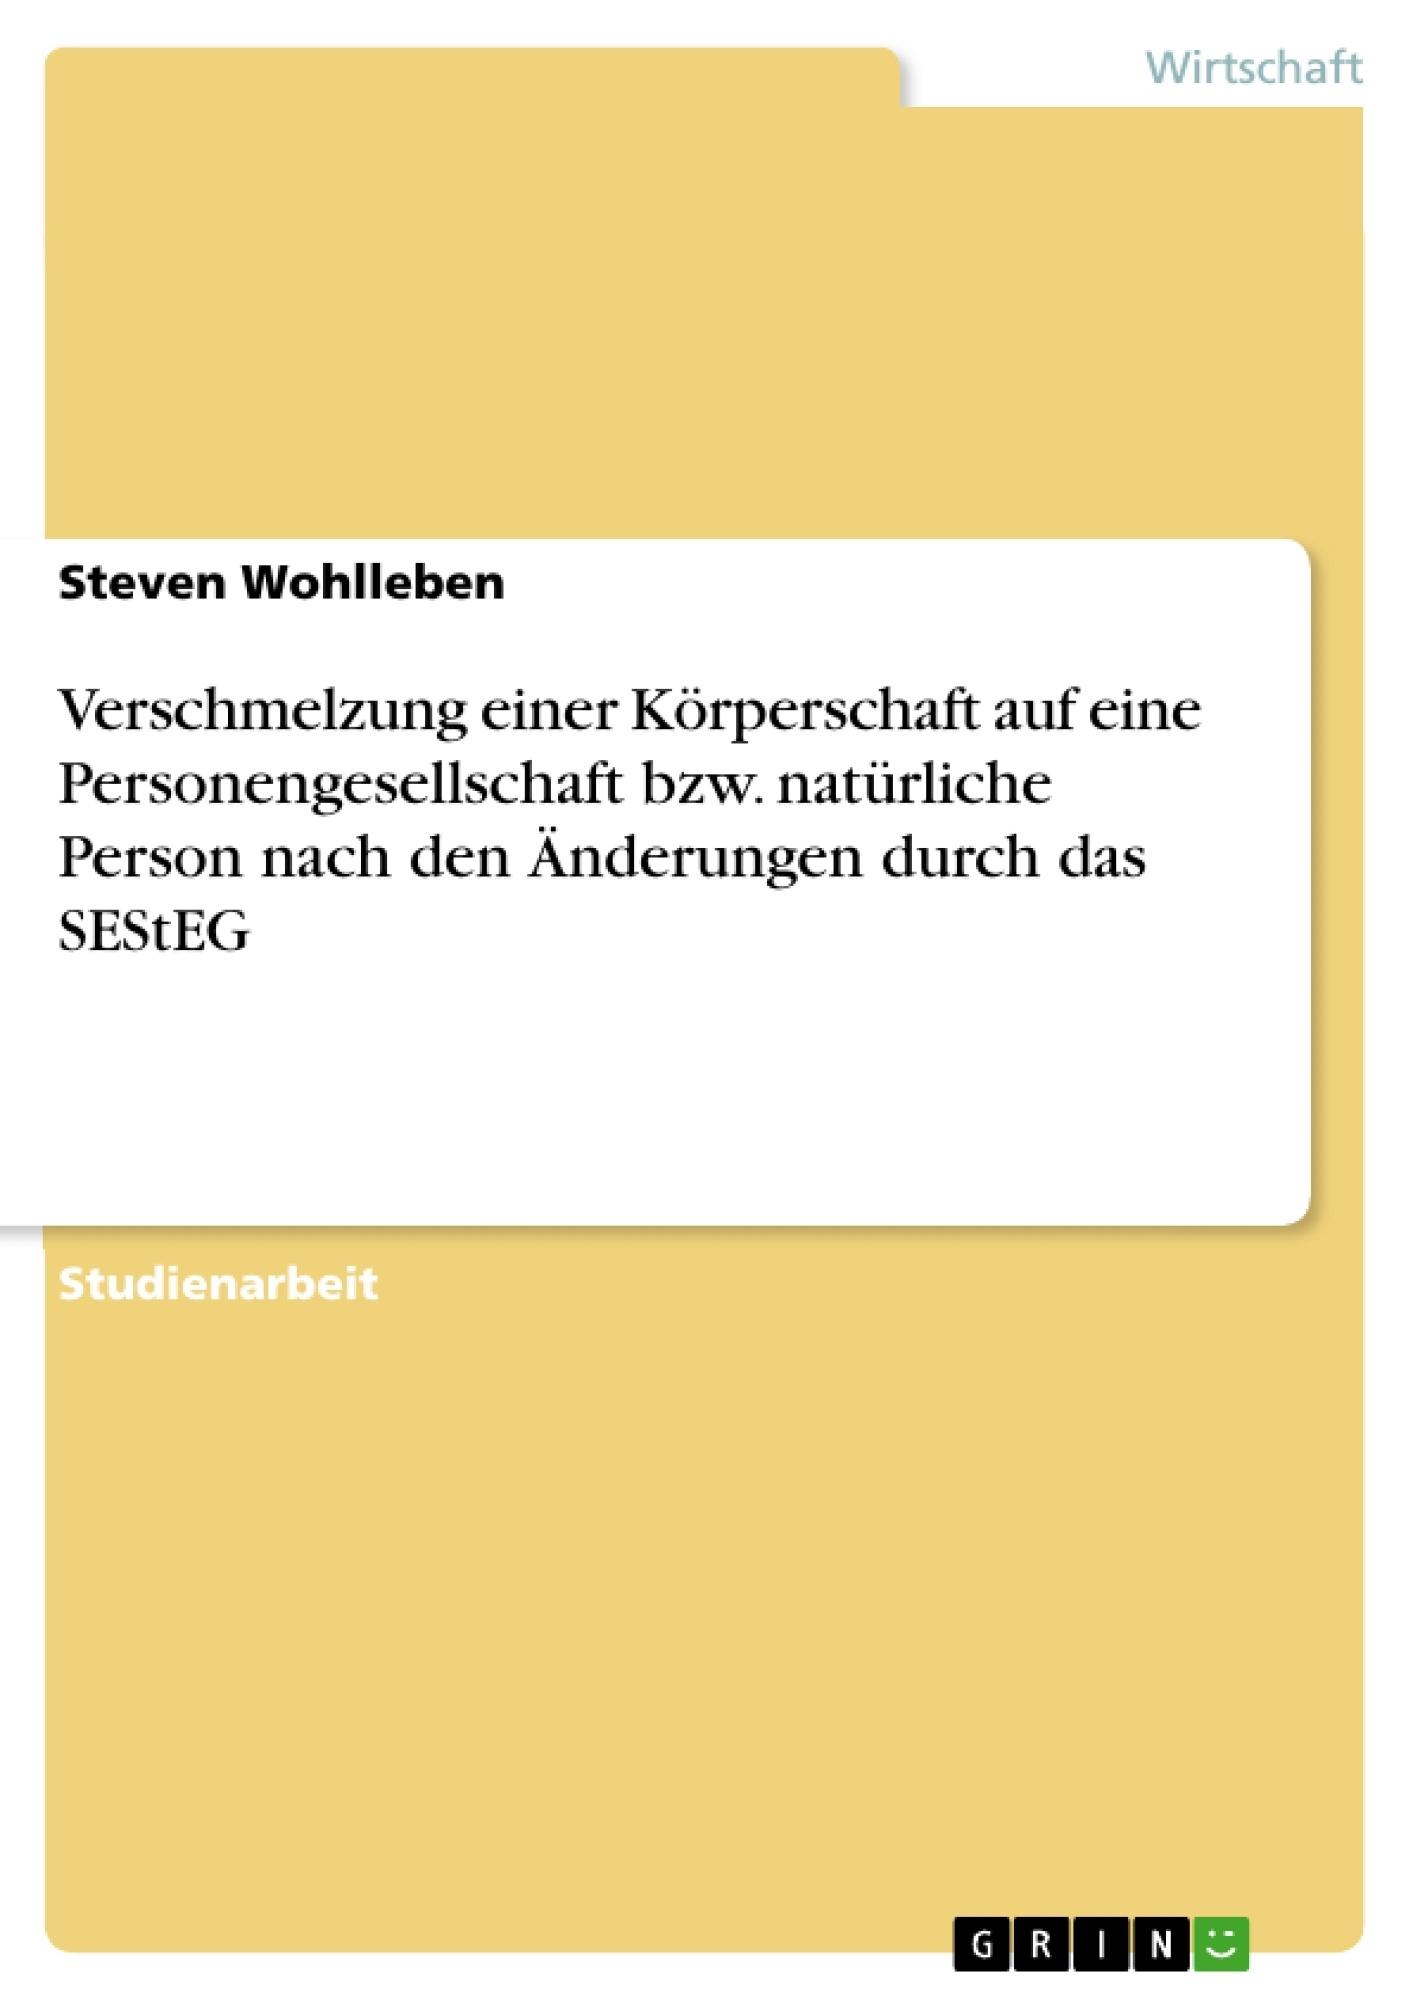 Titel: Verschmelzung einer Körperschaft auf eine Personengesellschaft bzw. natürliche Person nach den Änderungen durch das SEStEG